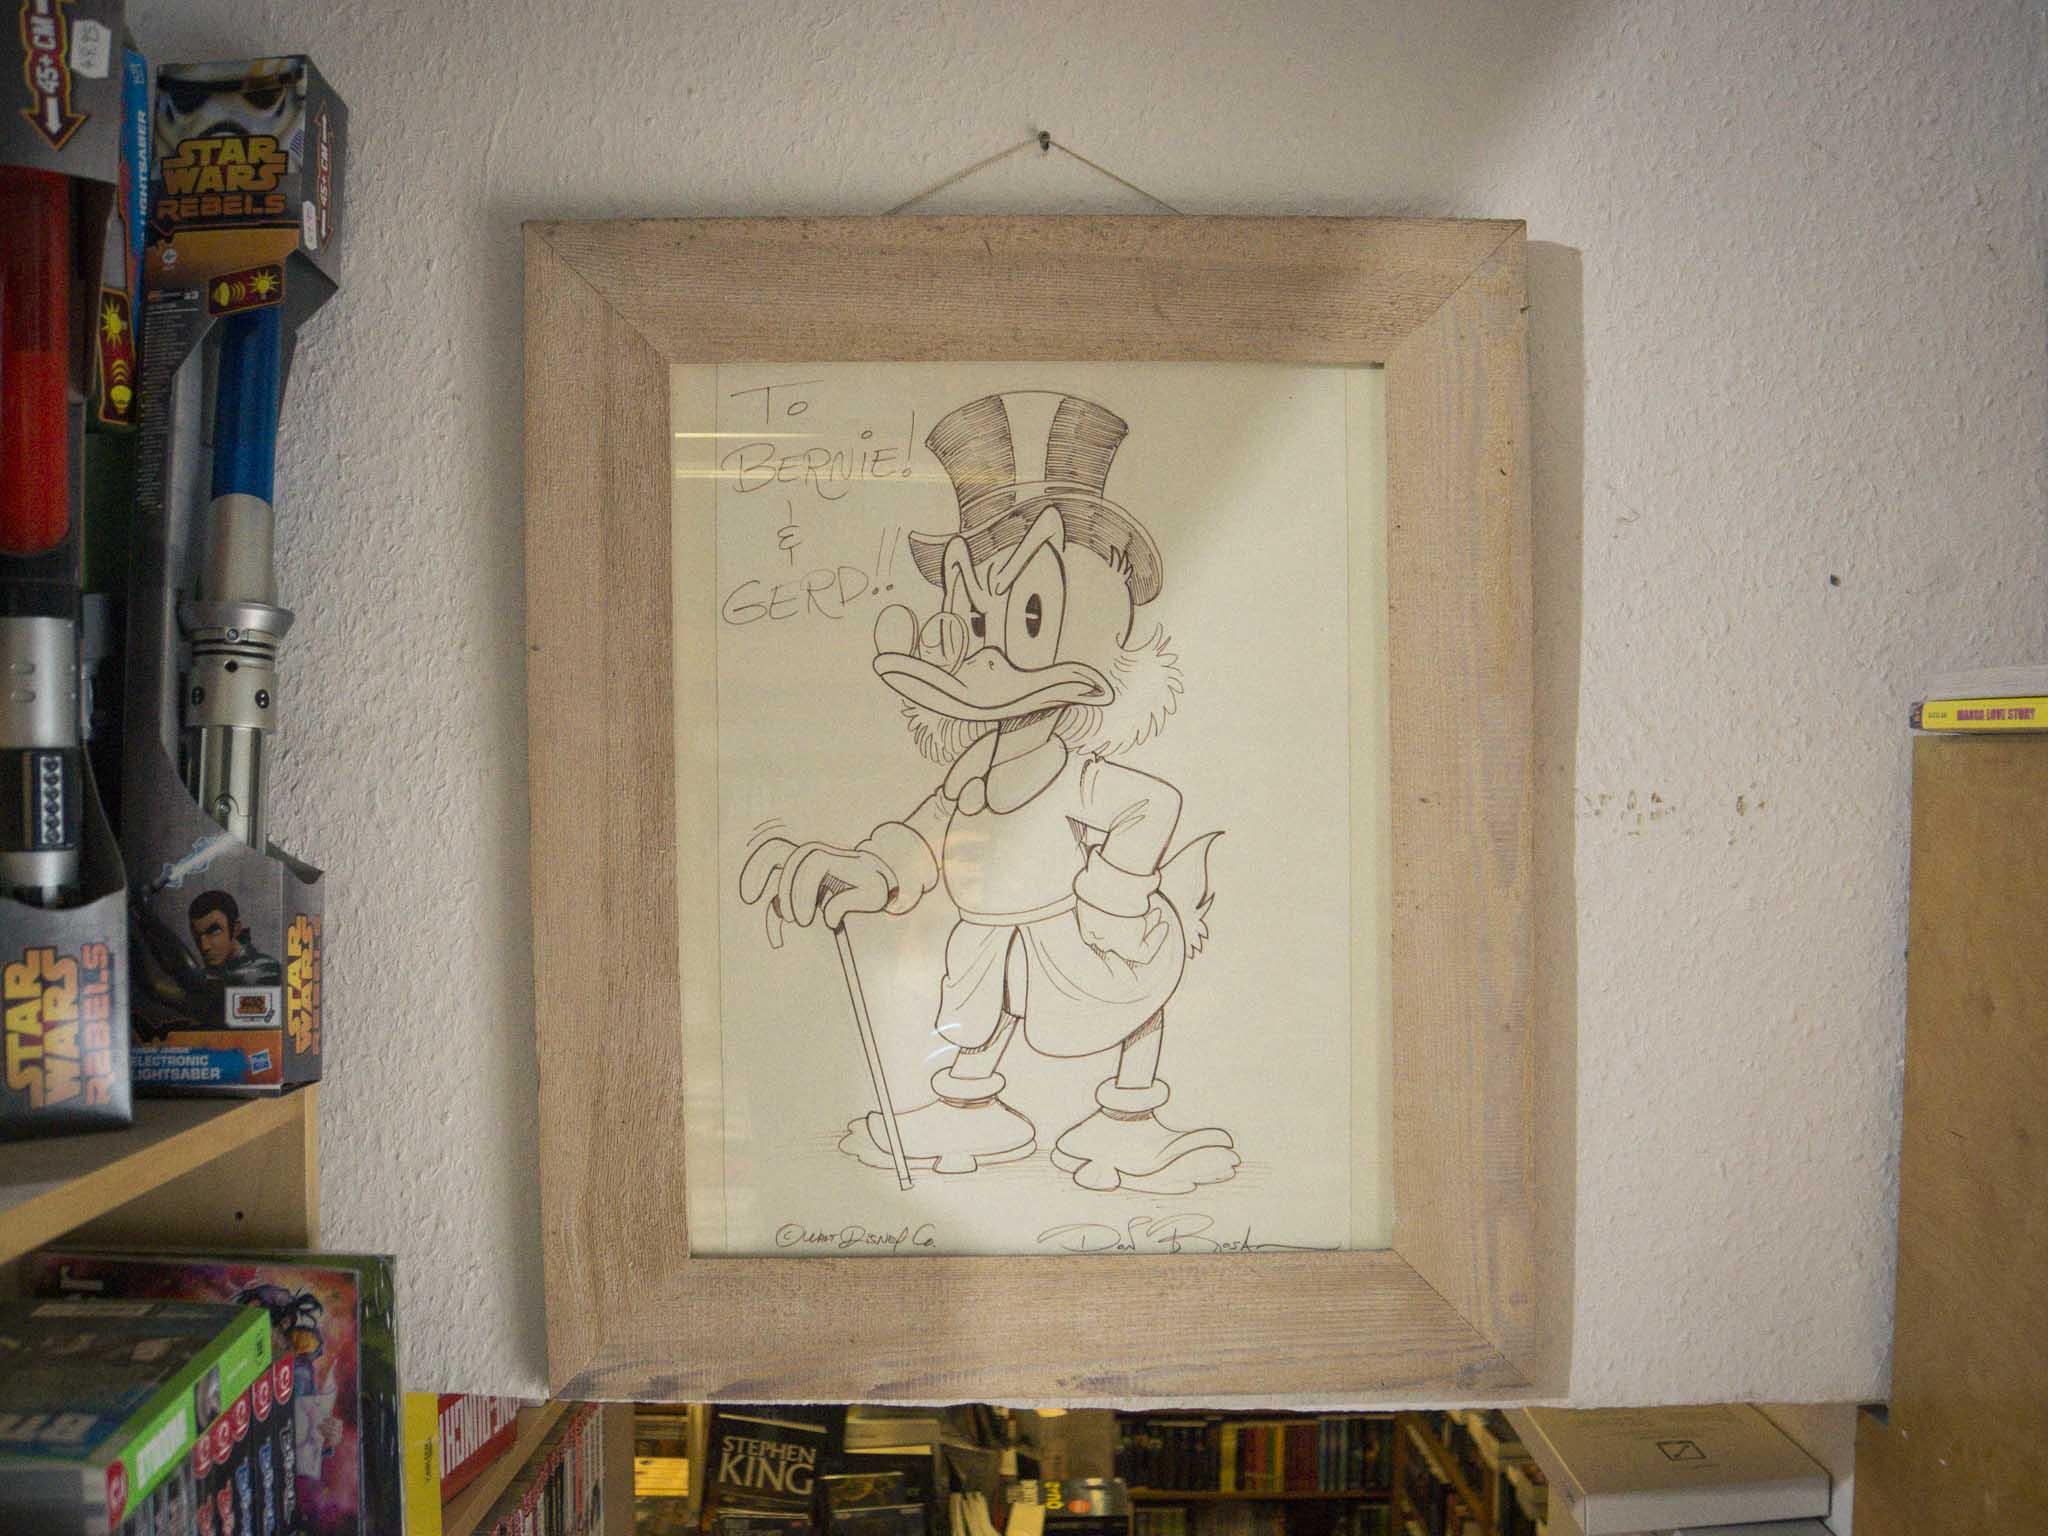 Eine Zeichnung von Donald Duck in Hermkes Romanboutique. Foto: Dominik Ziegler